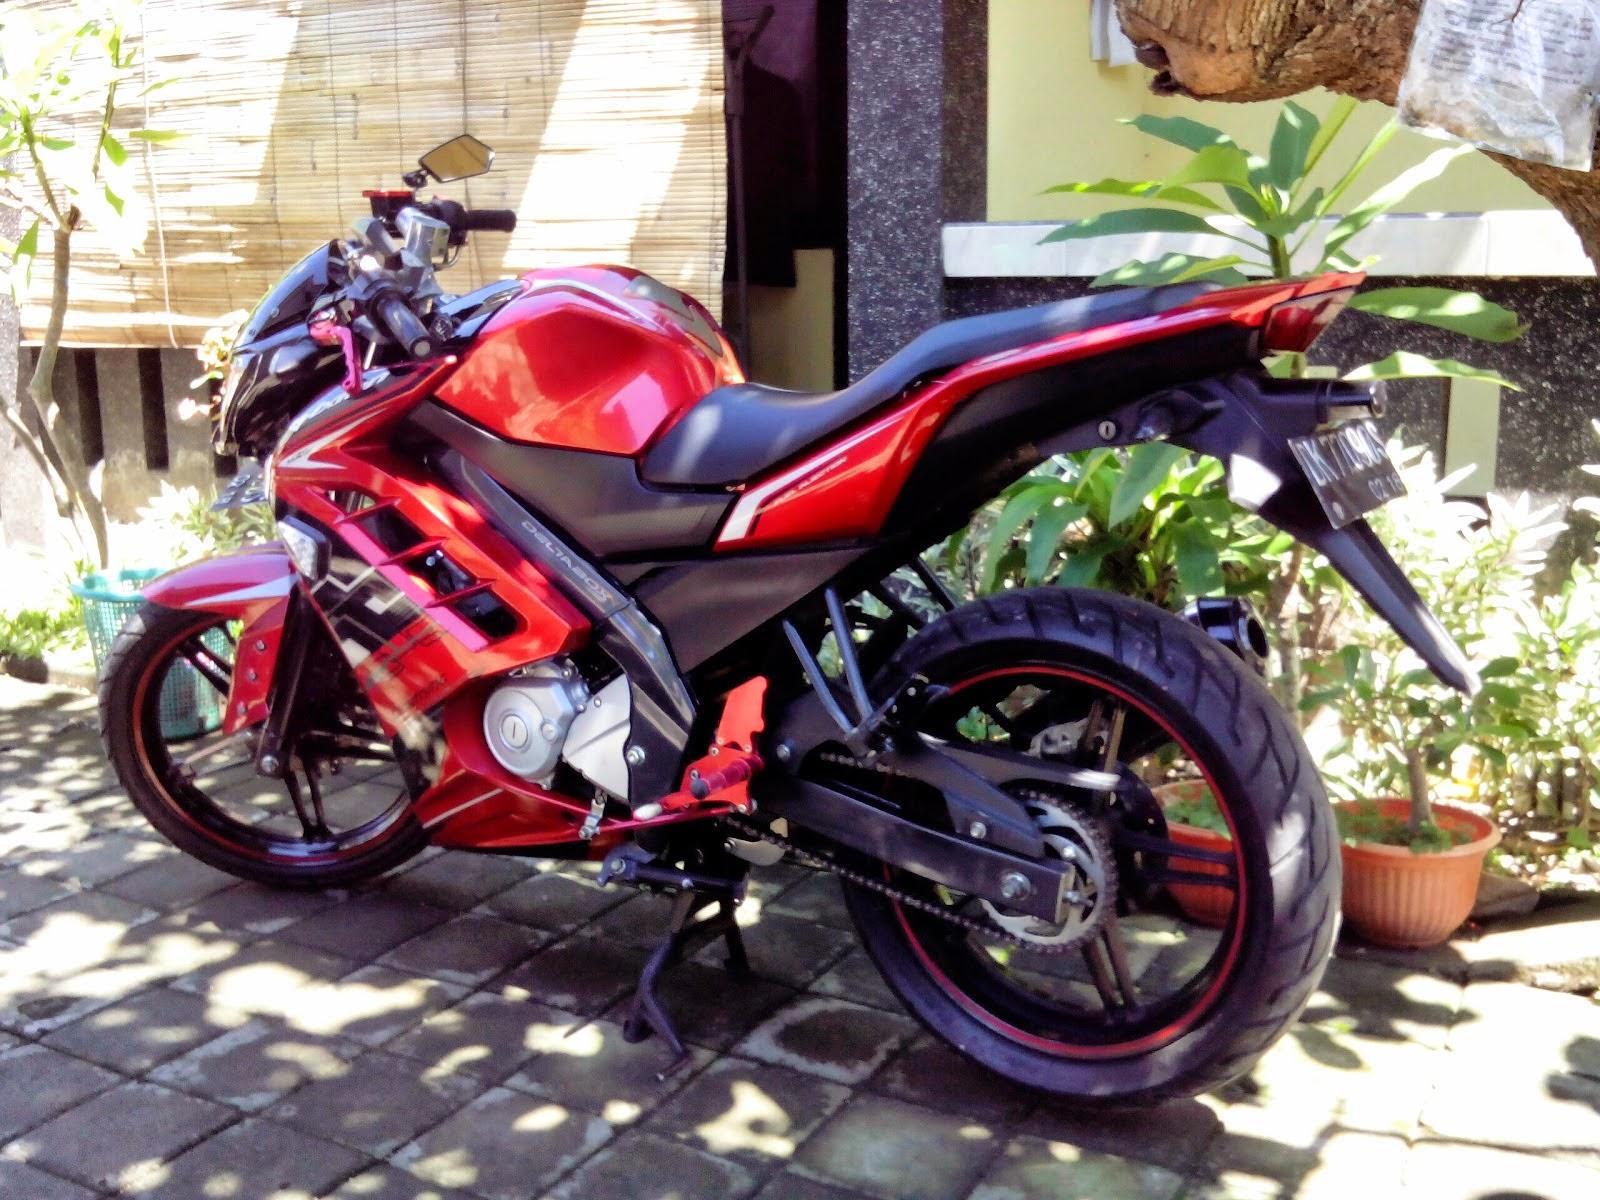 85 Modifikasi Motor Vixion Warna Merah 2013 Terbaru Dan Terkeren